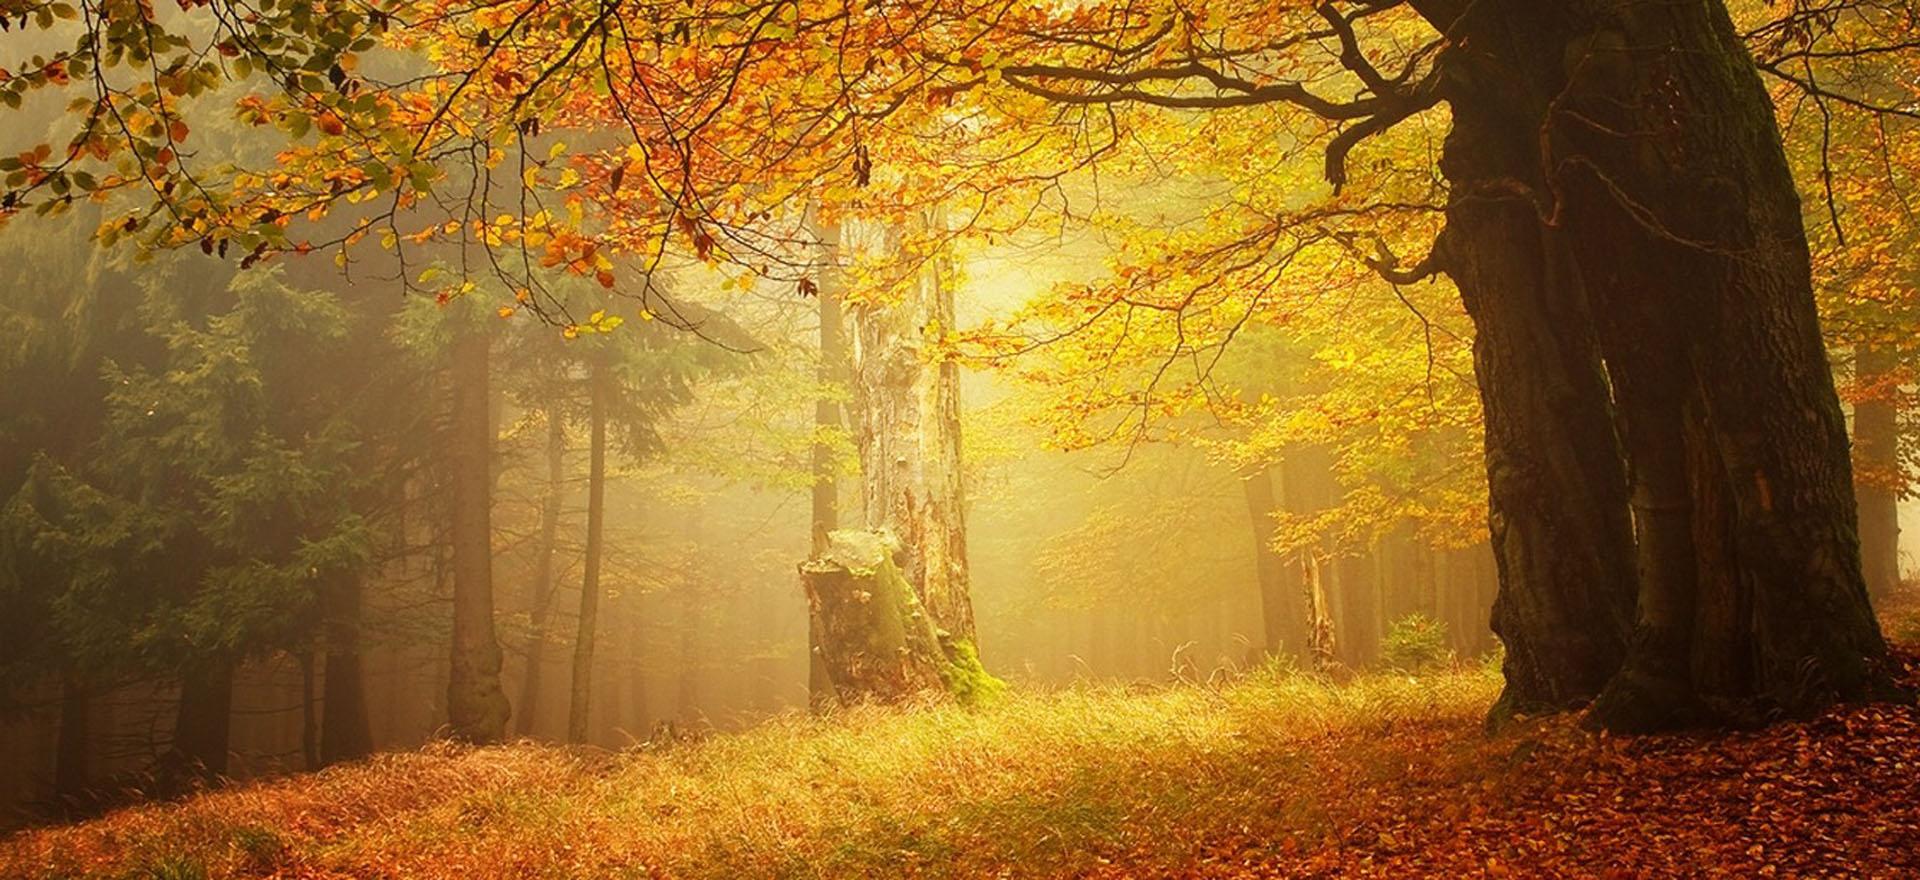 as paisagens de fundo de luz amarela a paisagem a luz